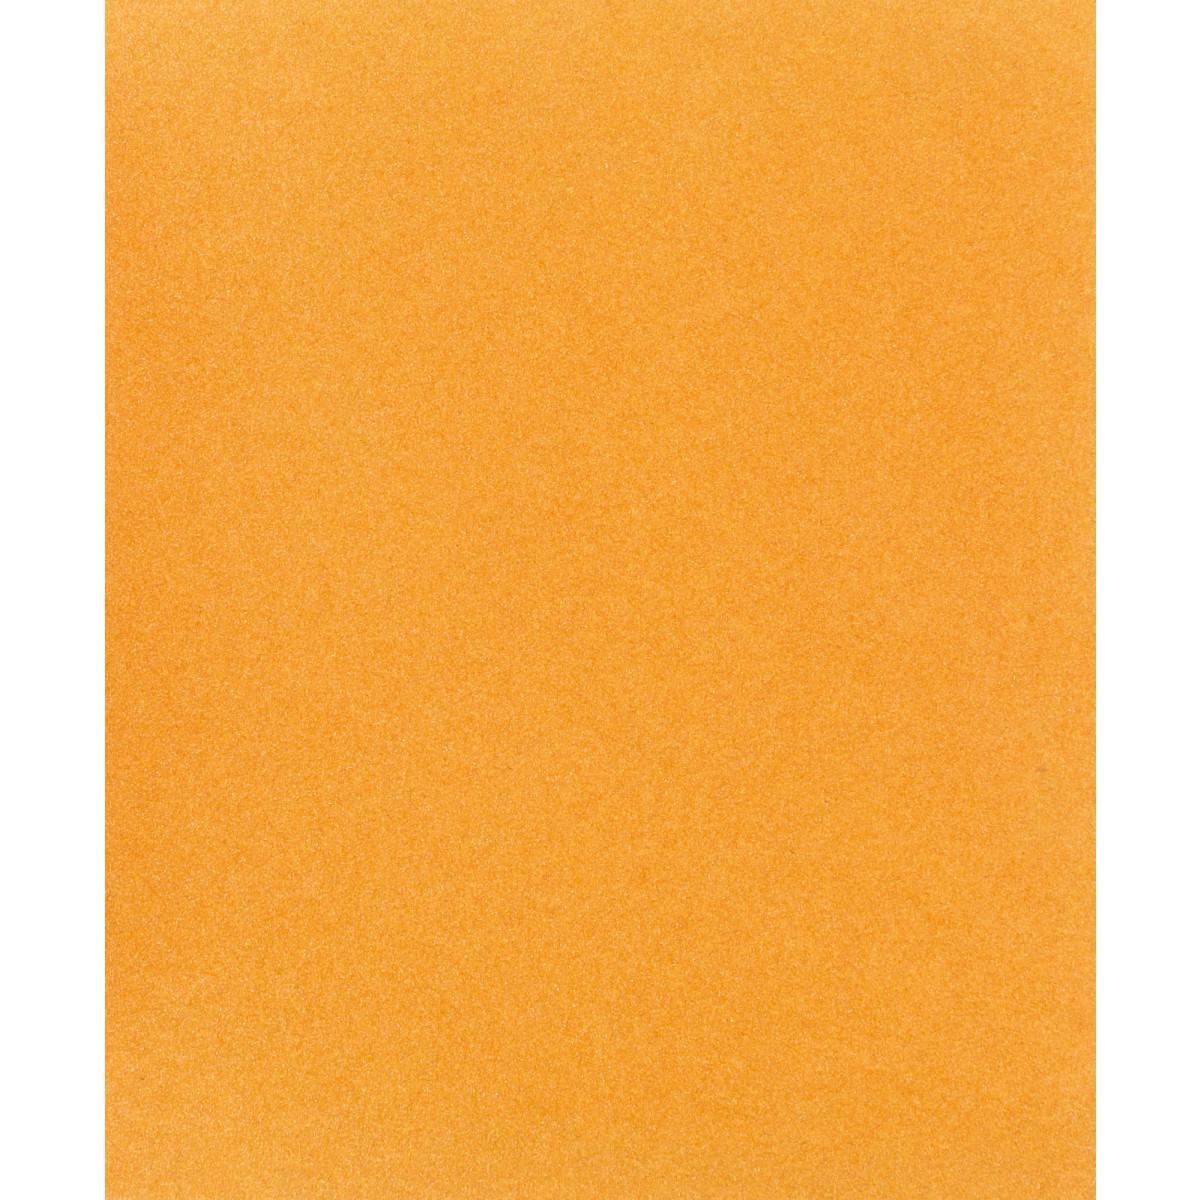 Papier de verre Silex 230 x 280 mm SCID - Grain 80 - Vendu par 1